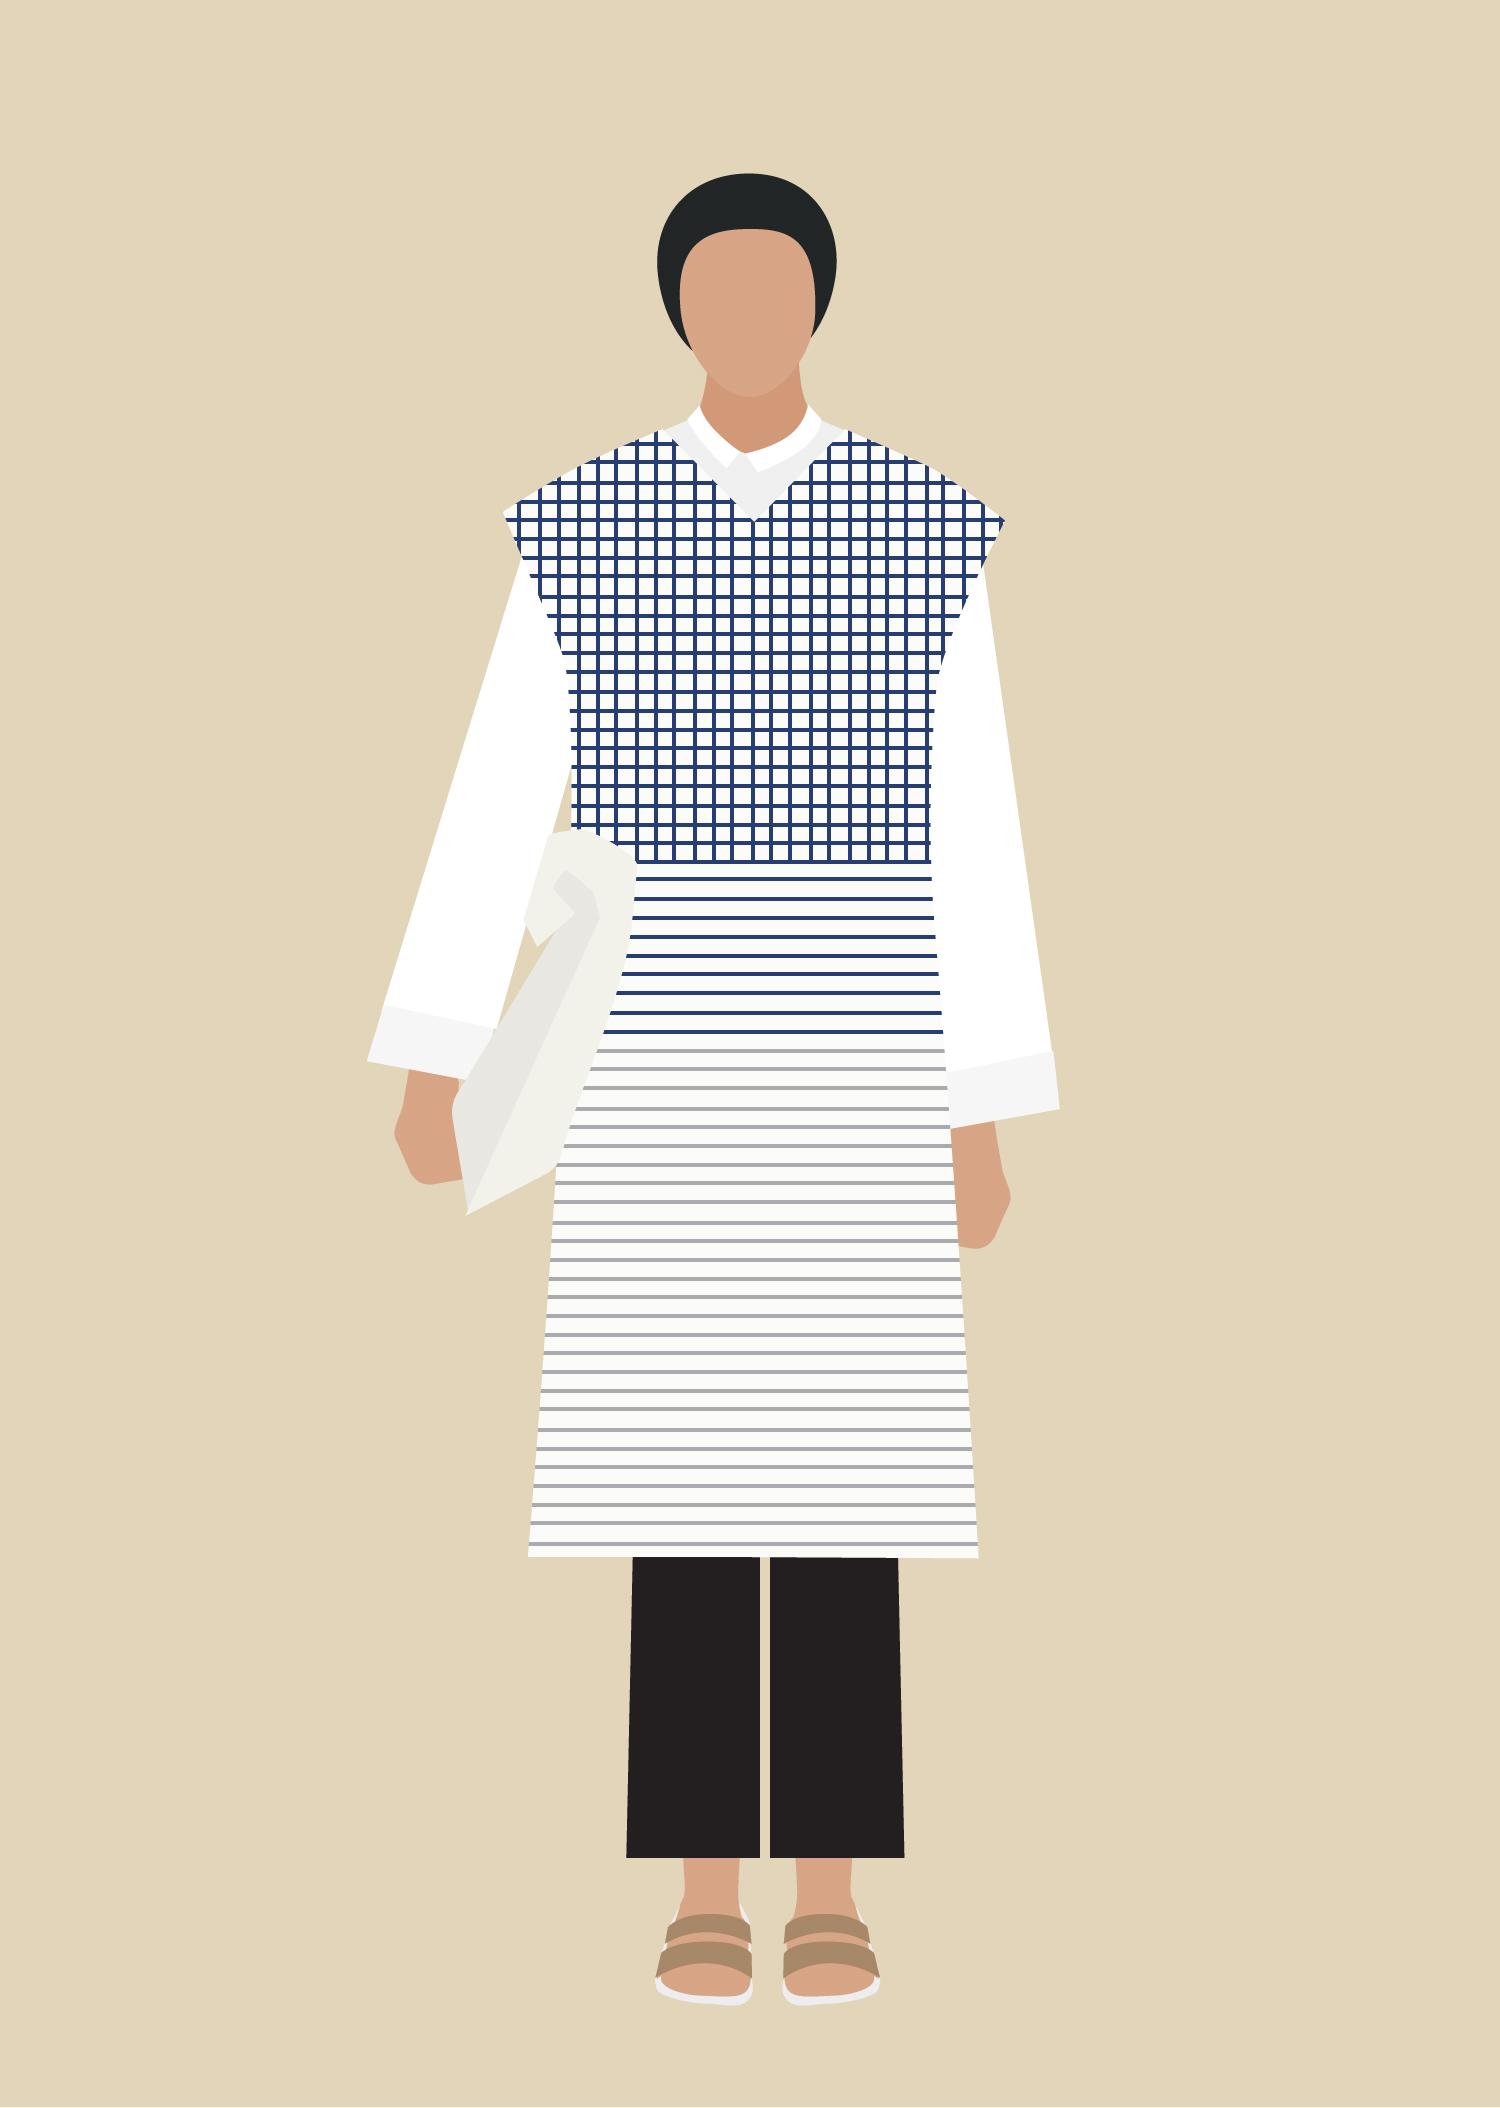 bound-shweta-malhotra-fashion-3.jpg